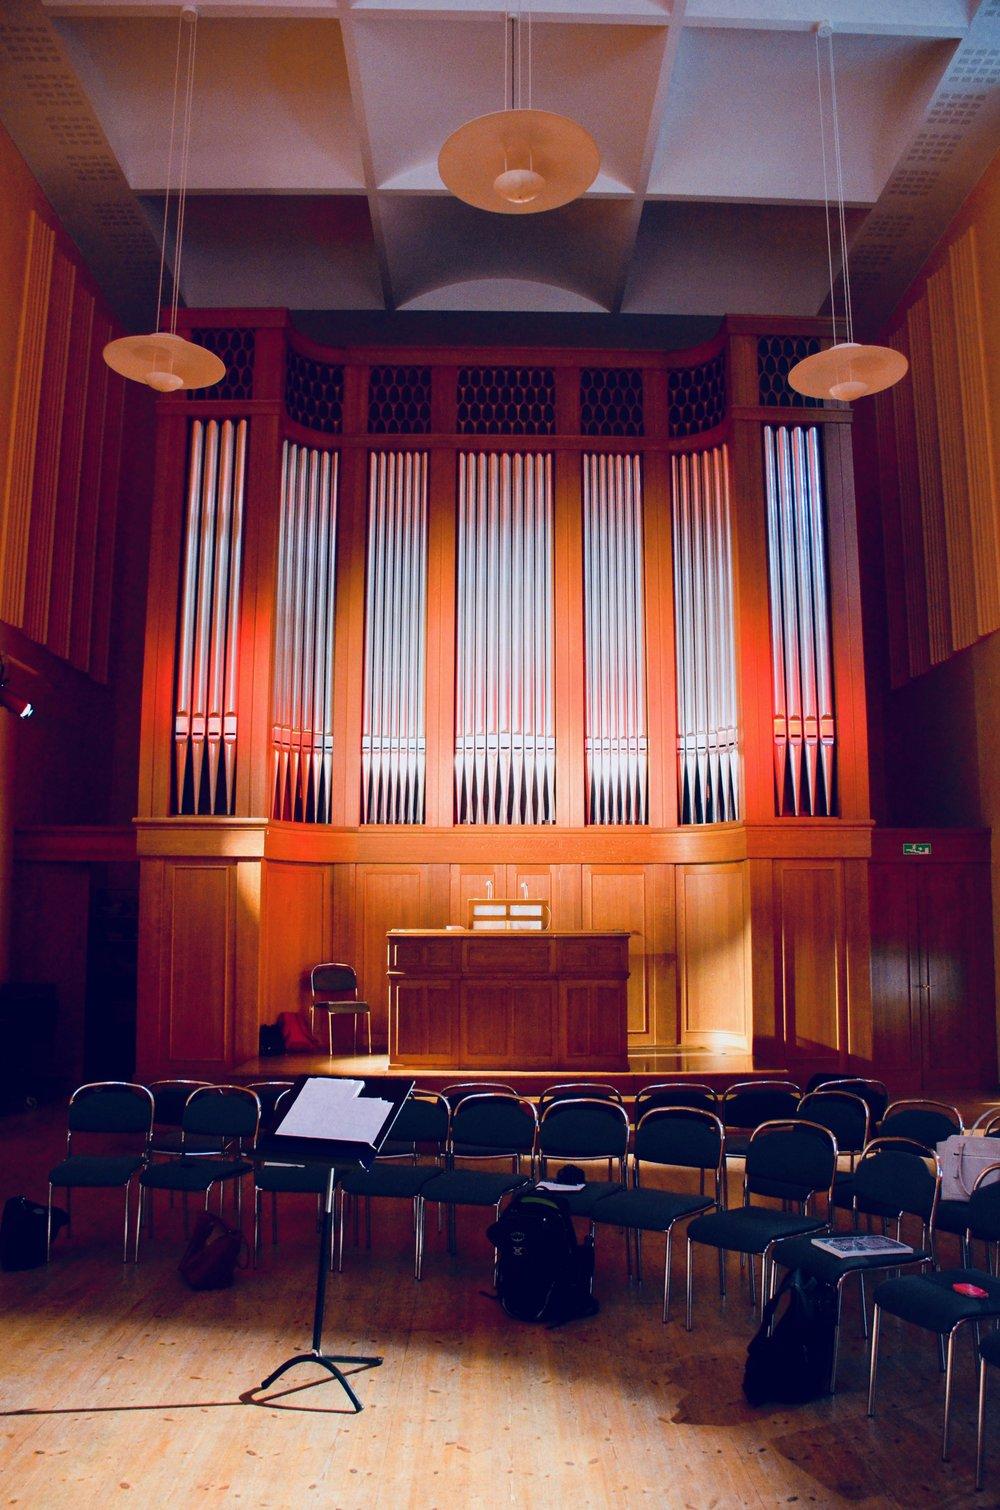 The 1998 Verschueren organ in Göteborg University.